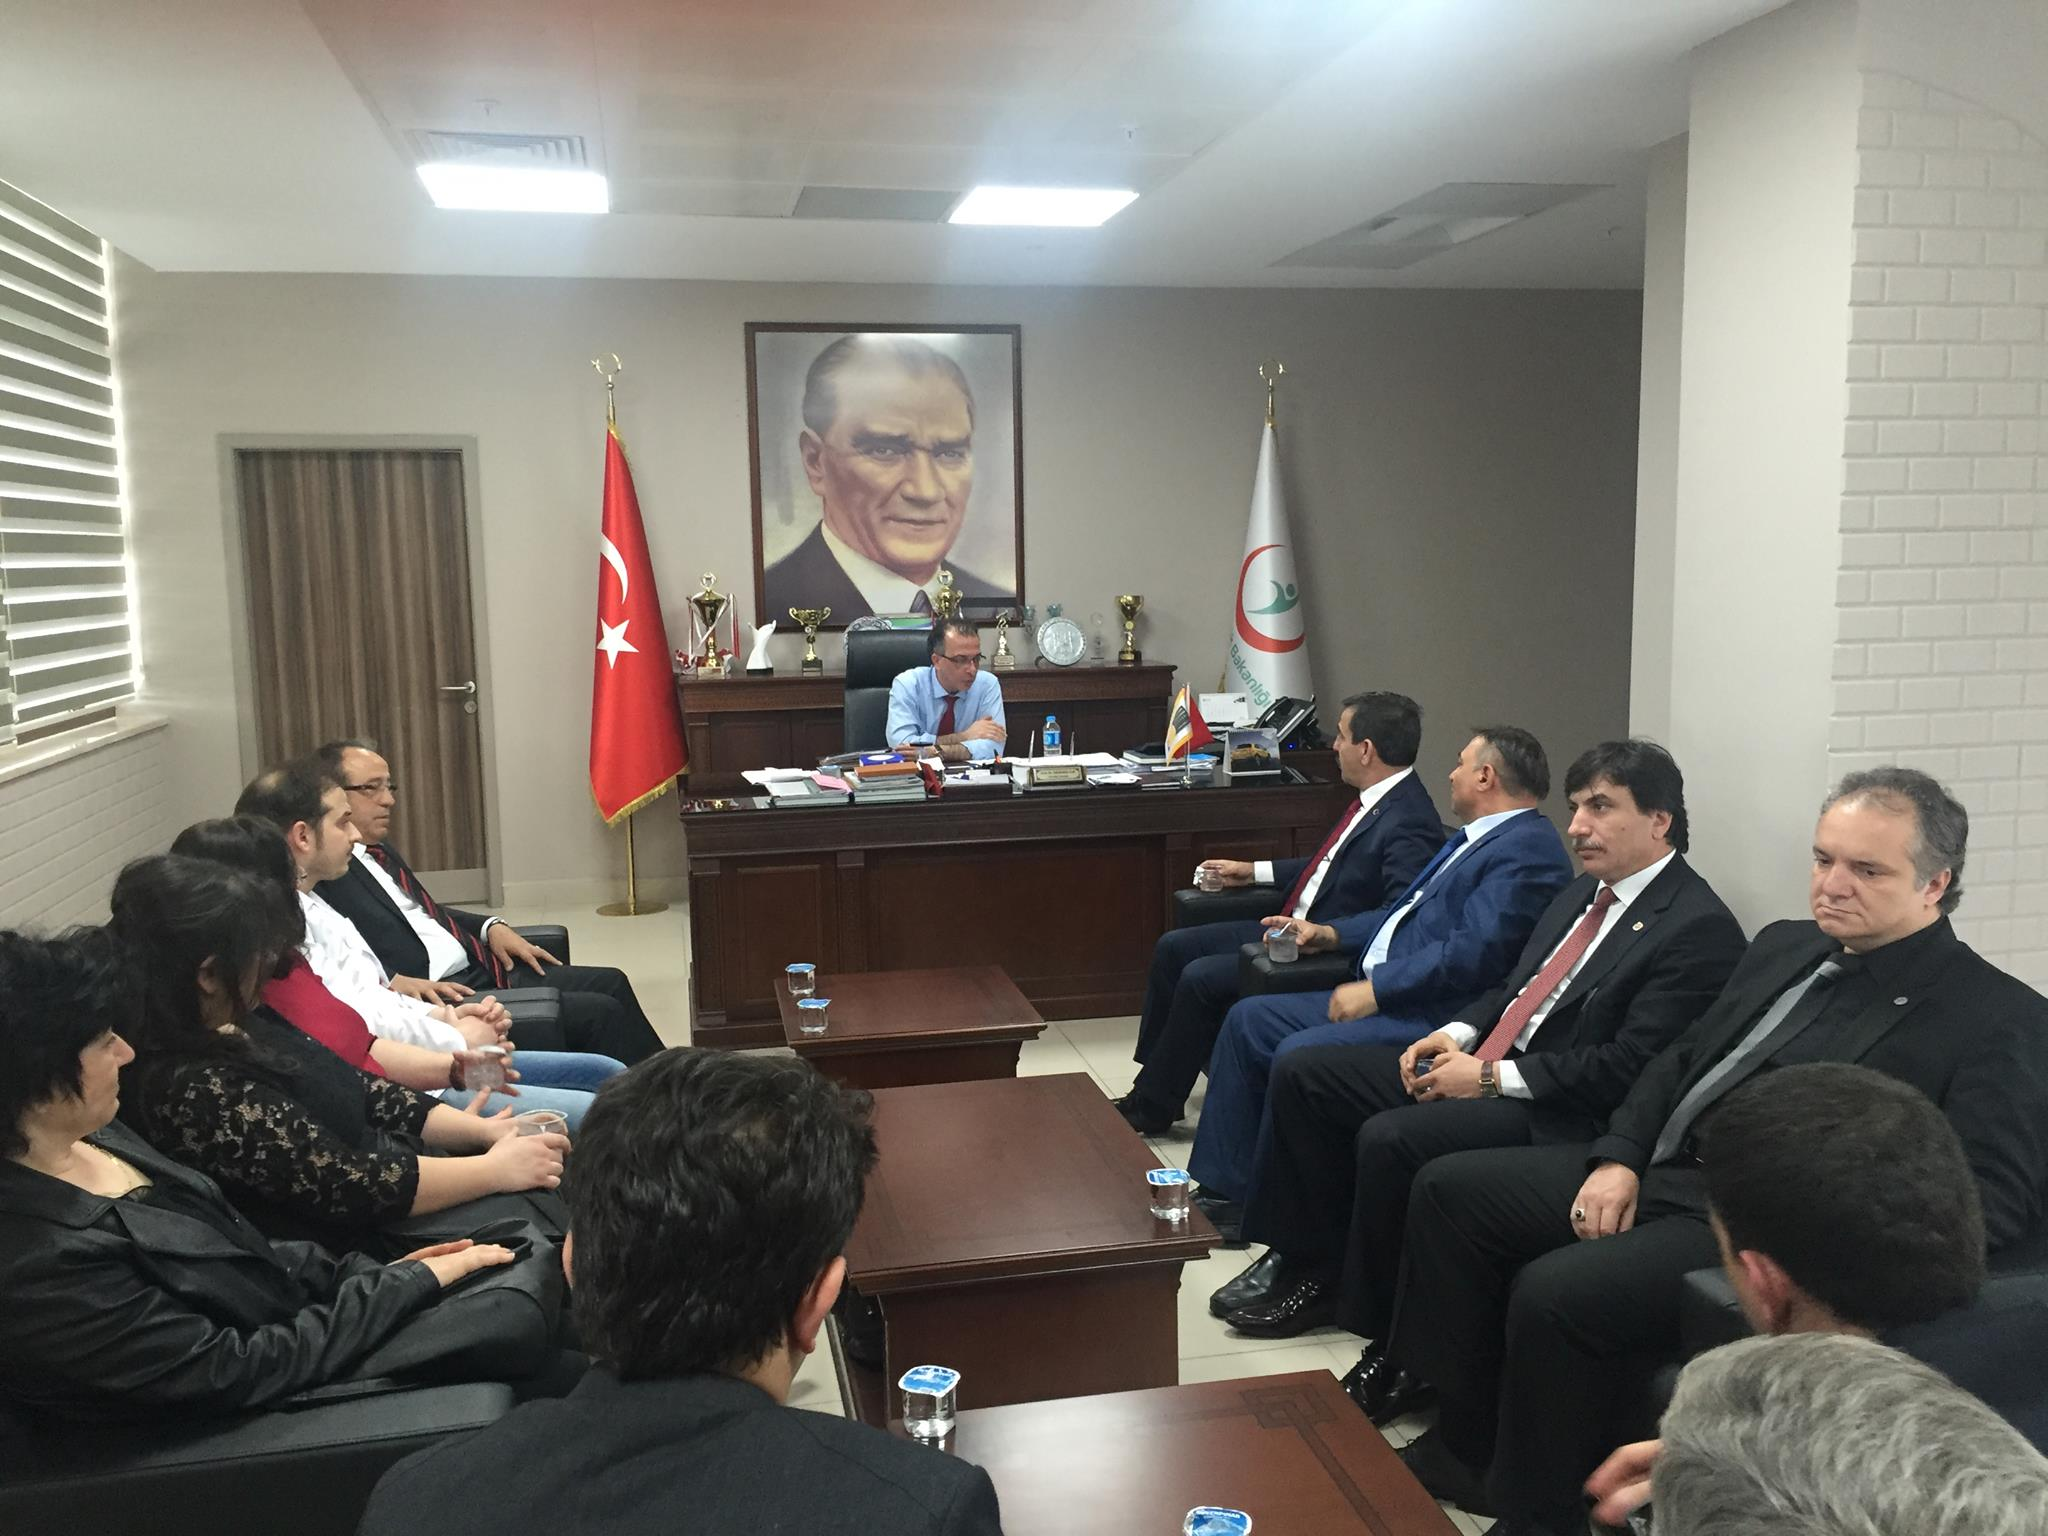 Sendikal çalışmalara kapsamında Edirne ziyaret edilerek çalışanlar ve teşkilatımızla bir araya gelindi.